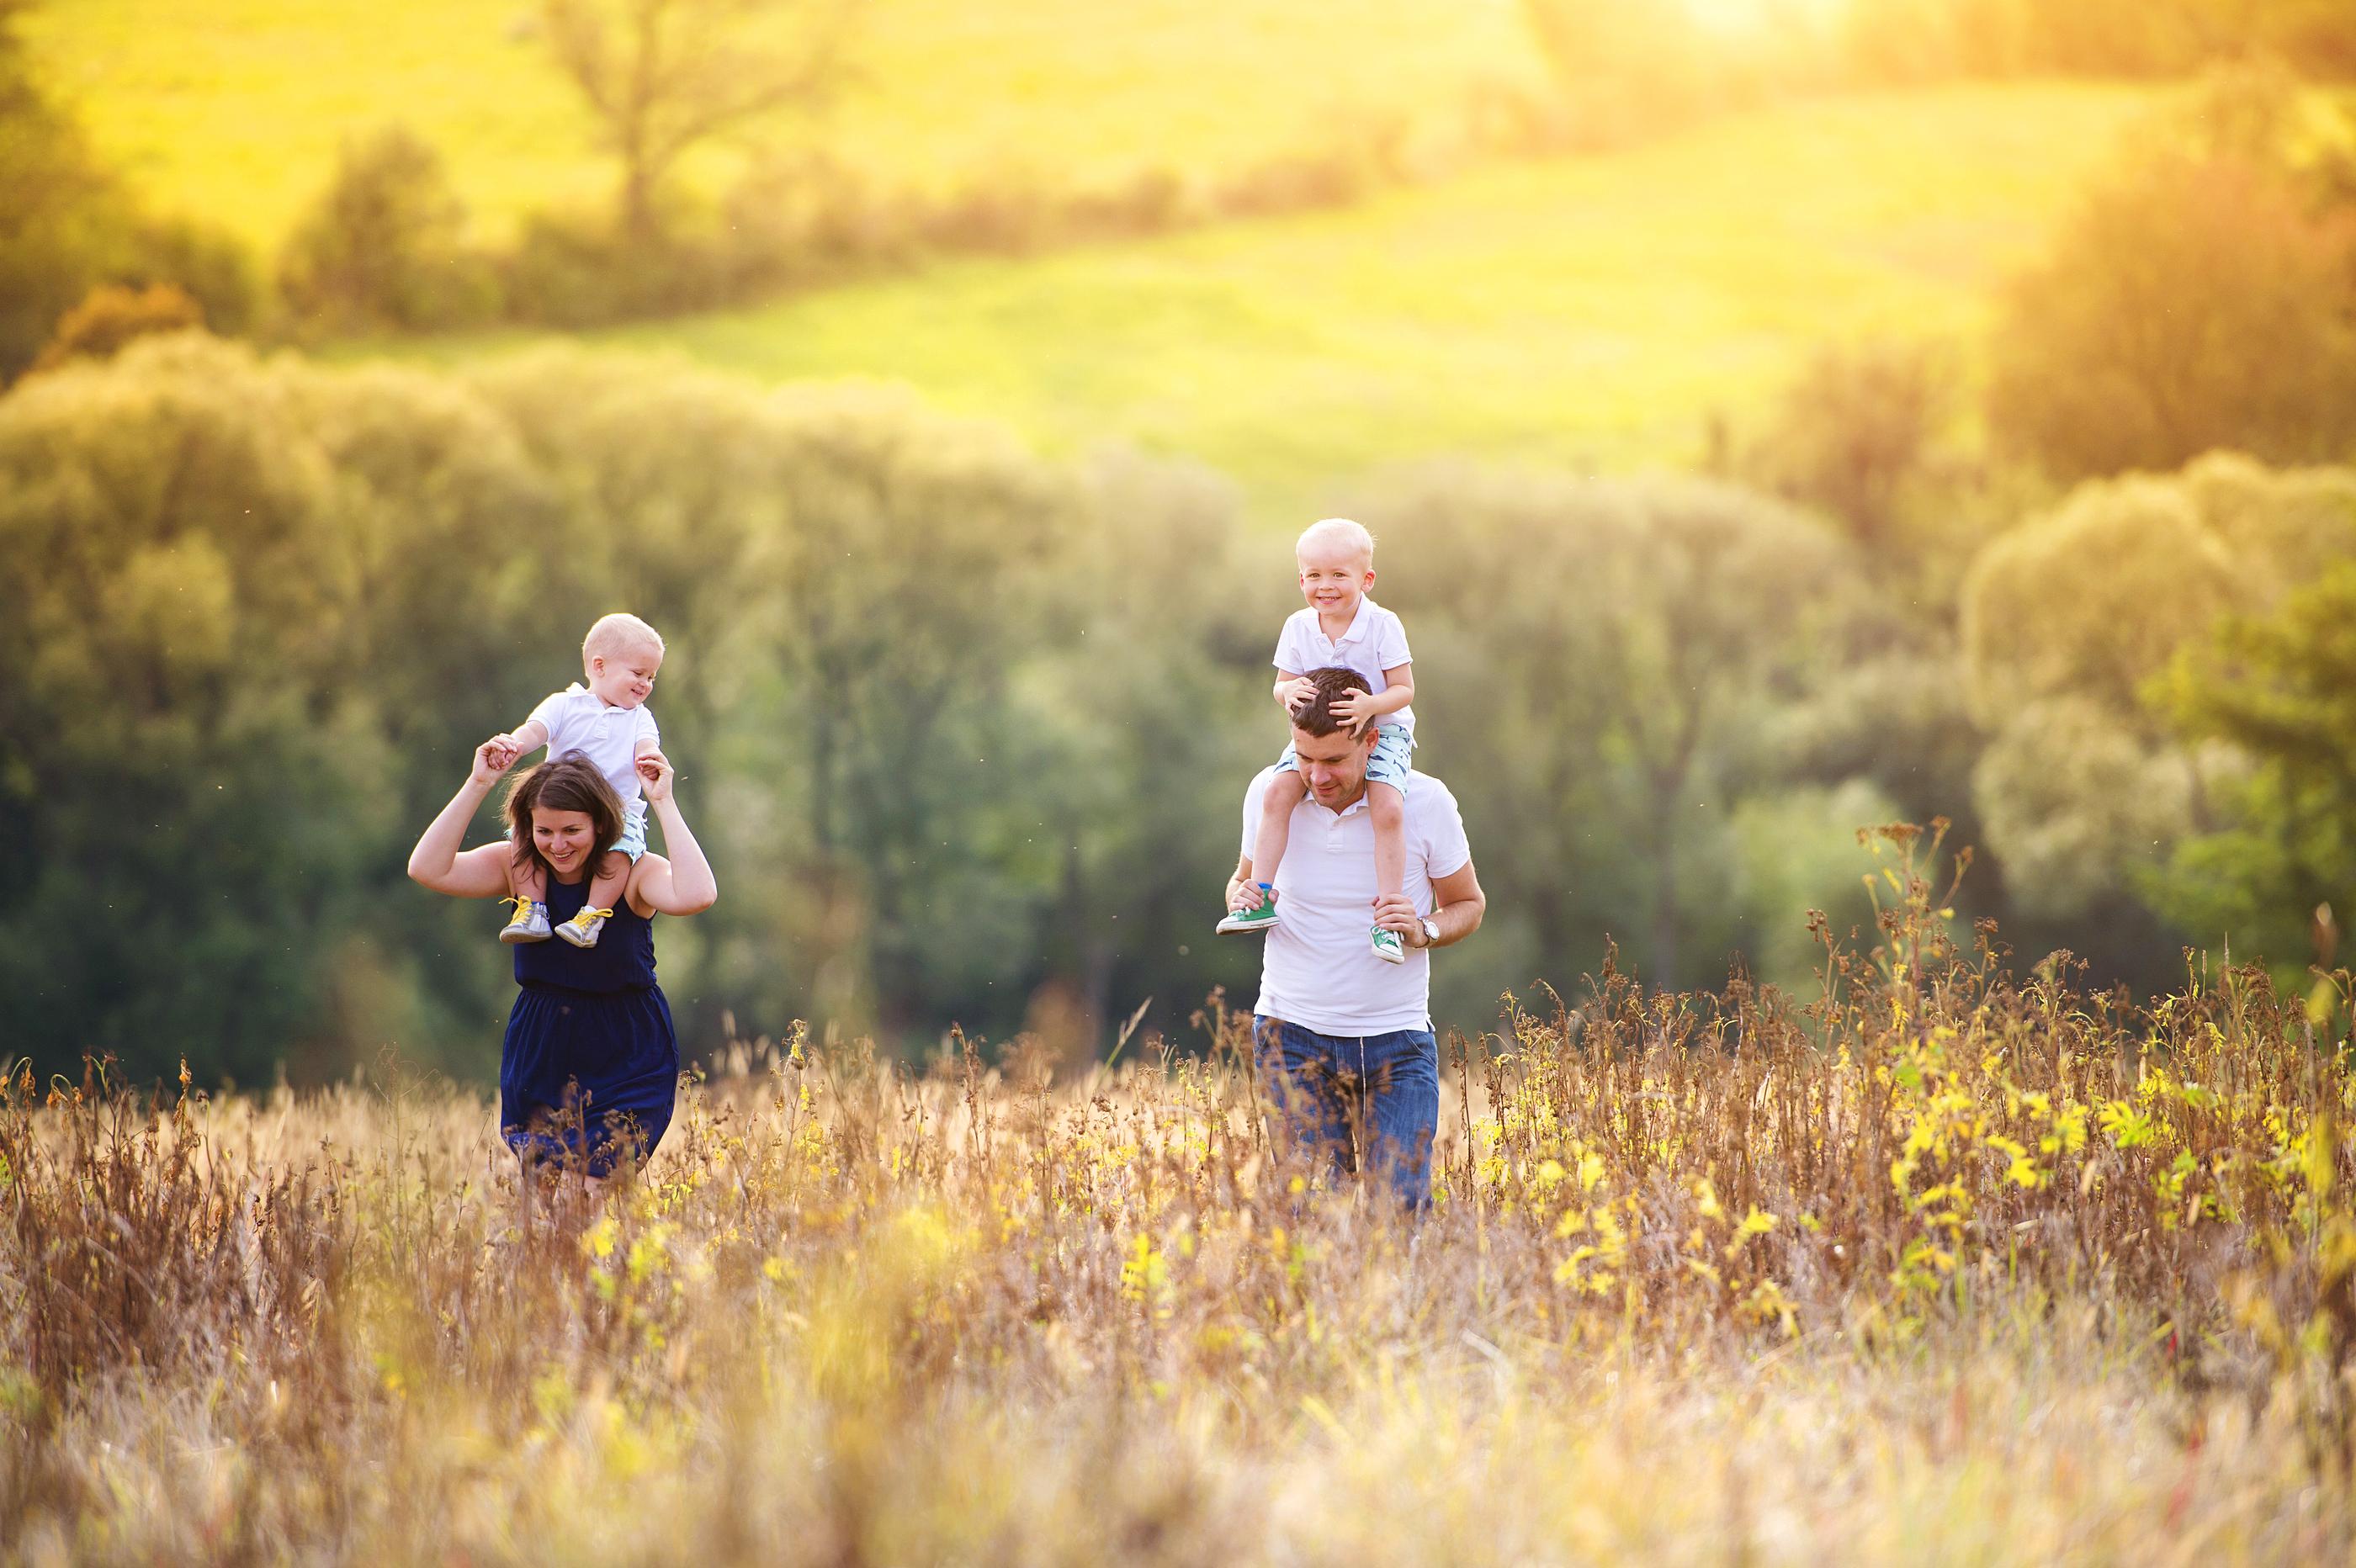 Family enjoying life together outside